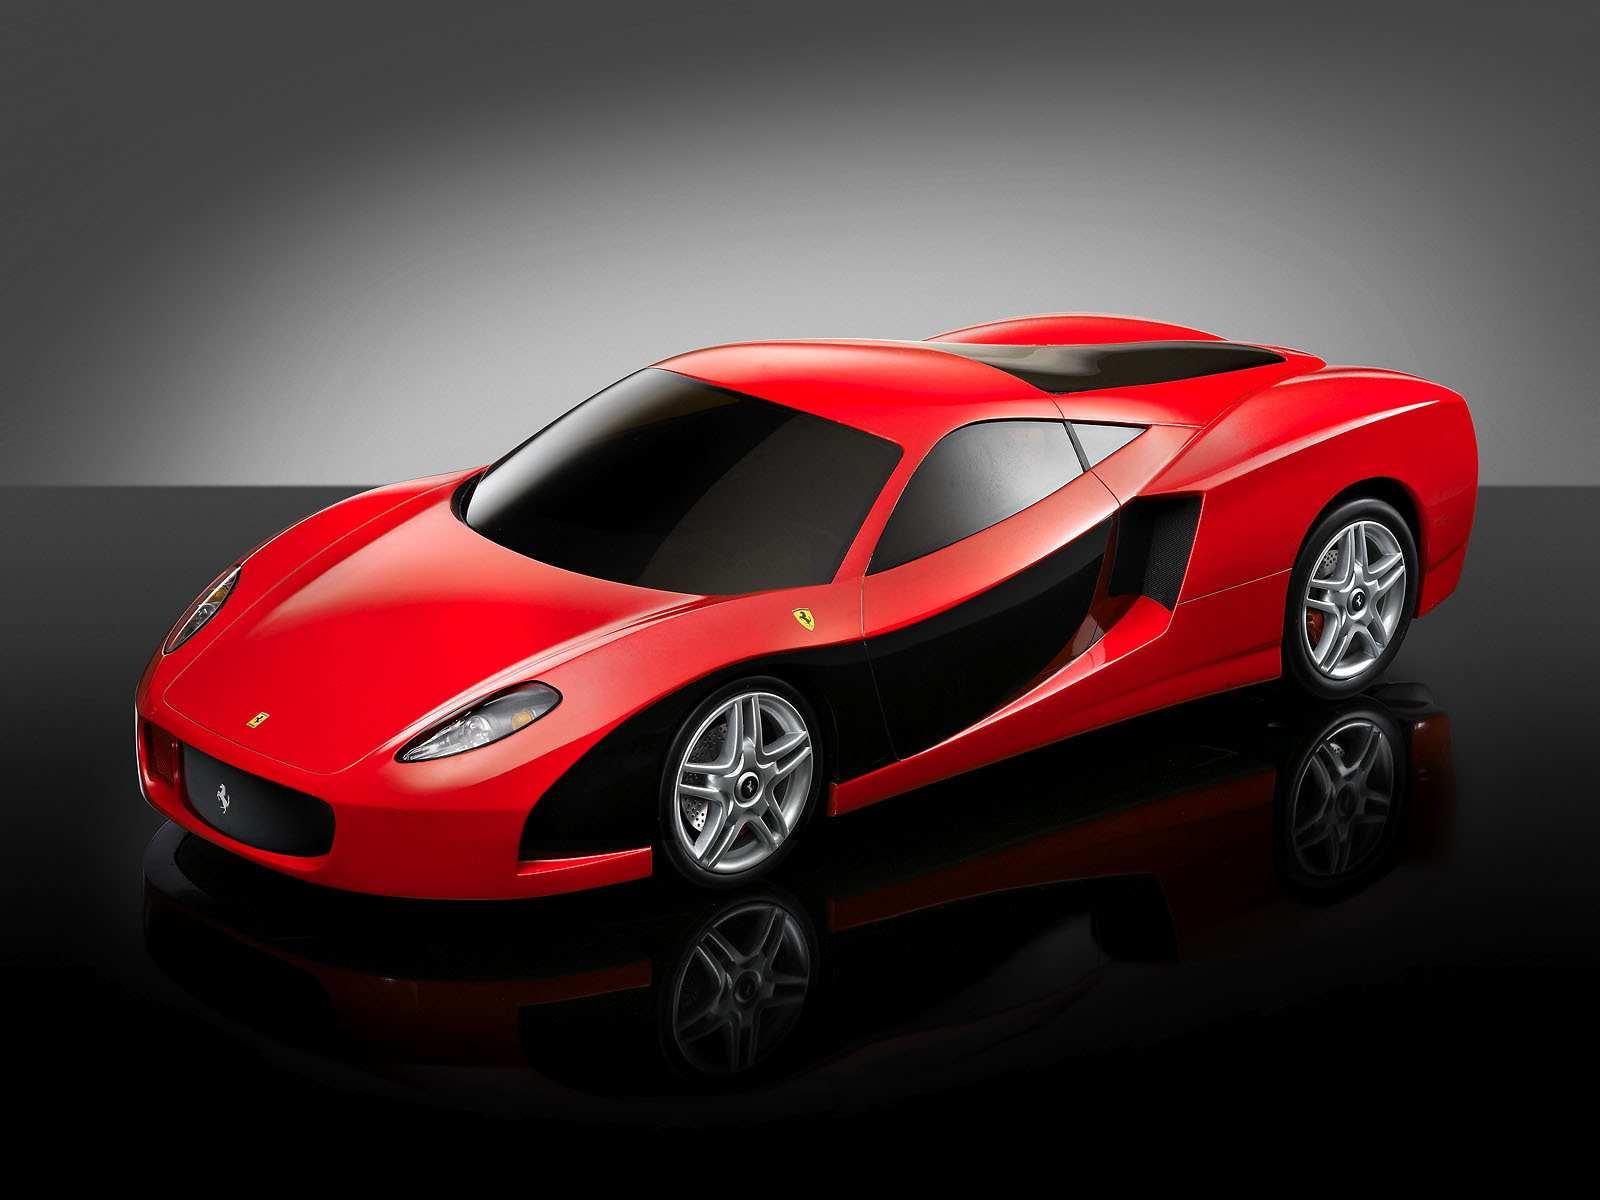 ferrari_concept_car_7